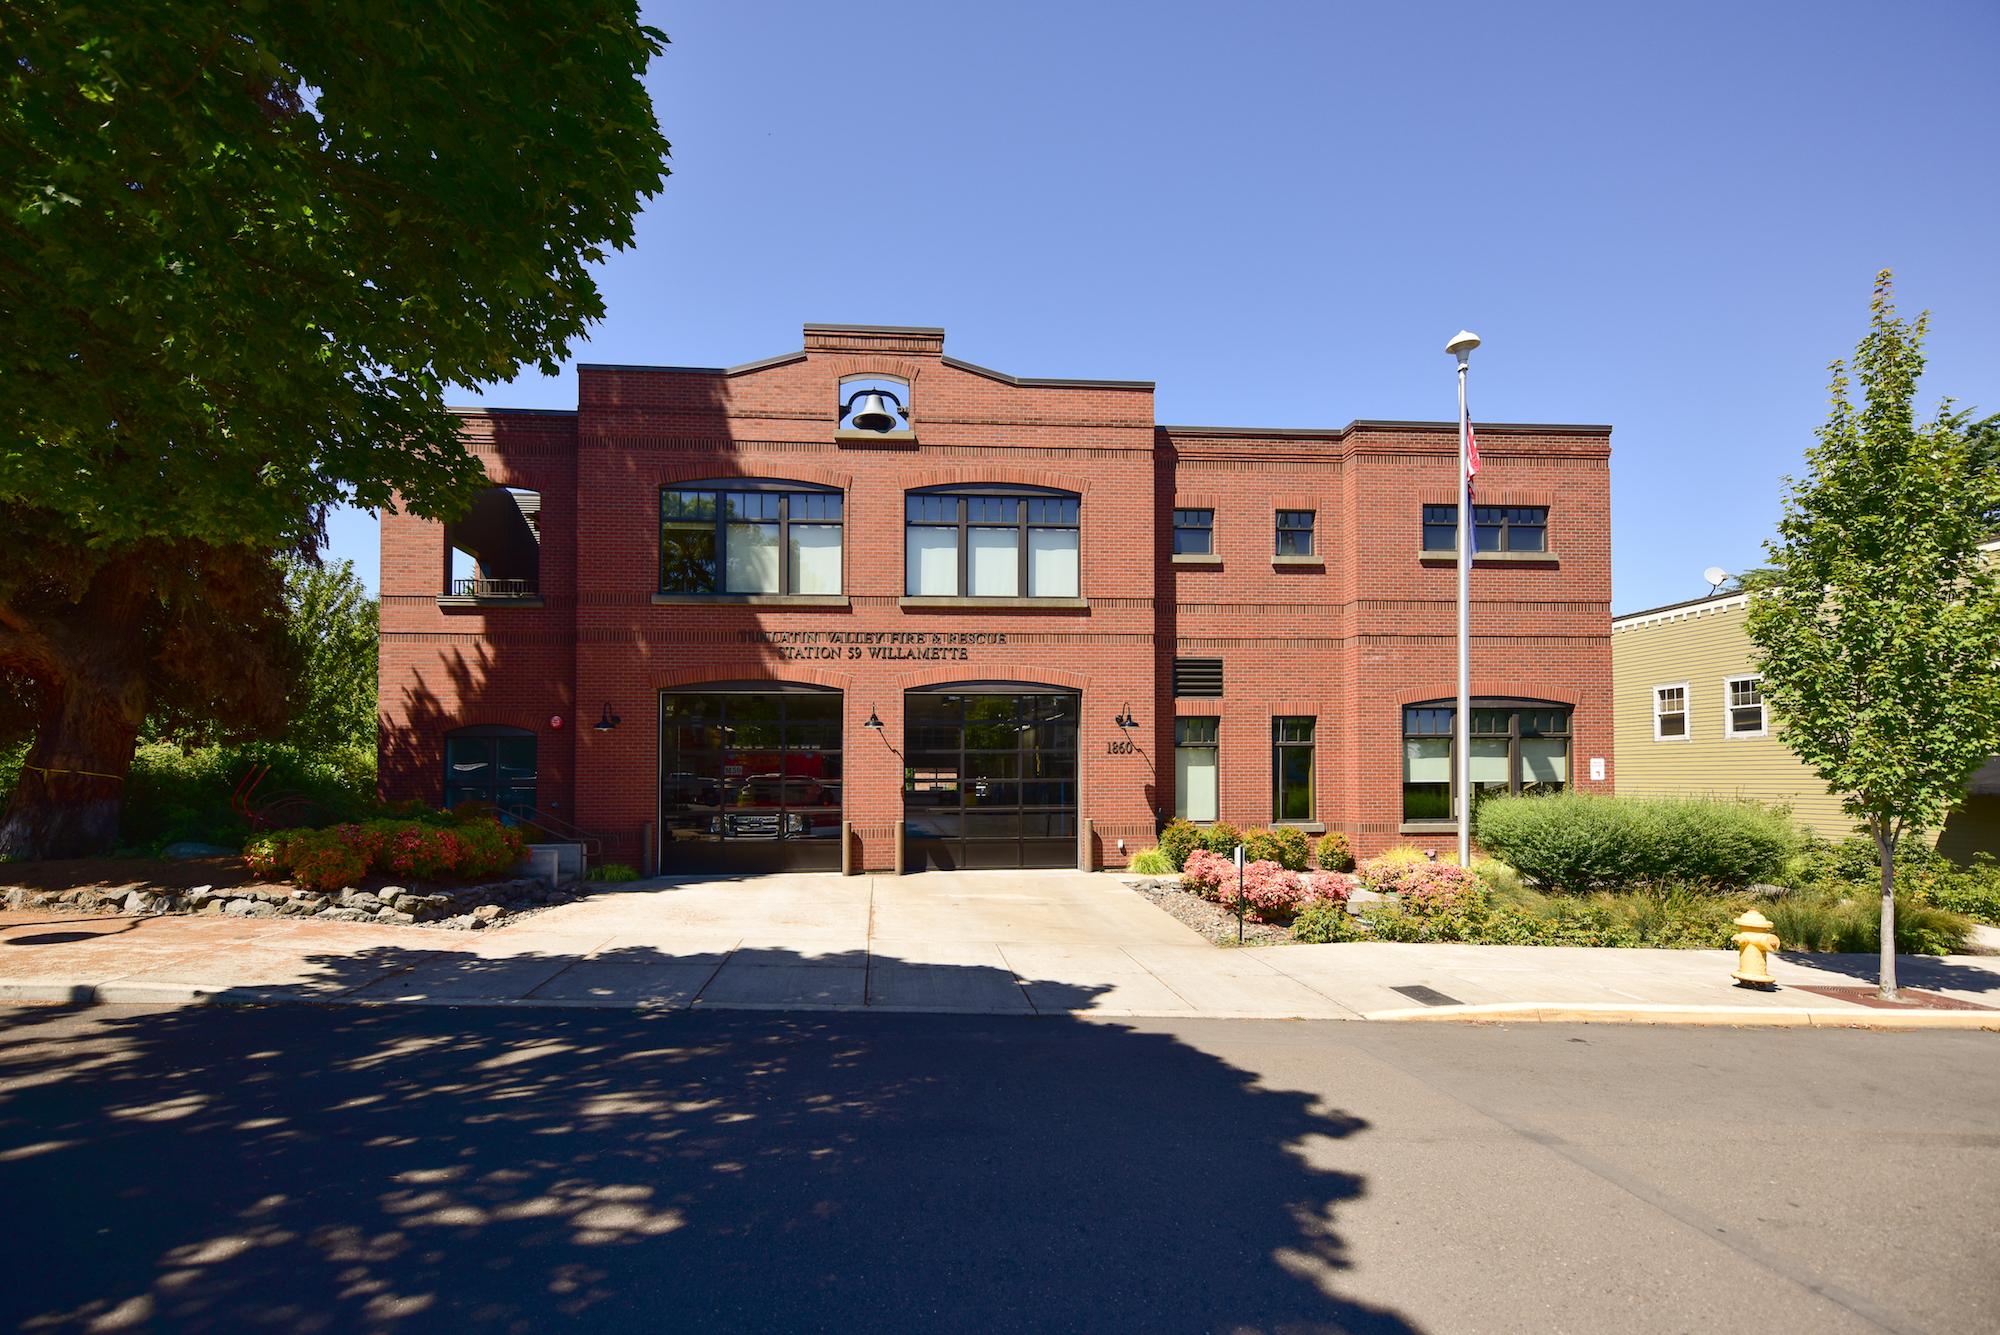 West Linn Fire Station